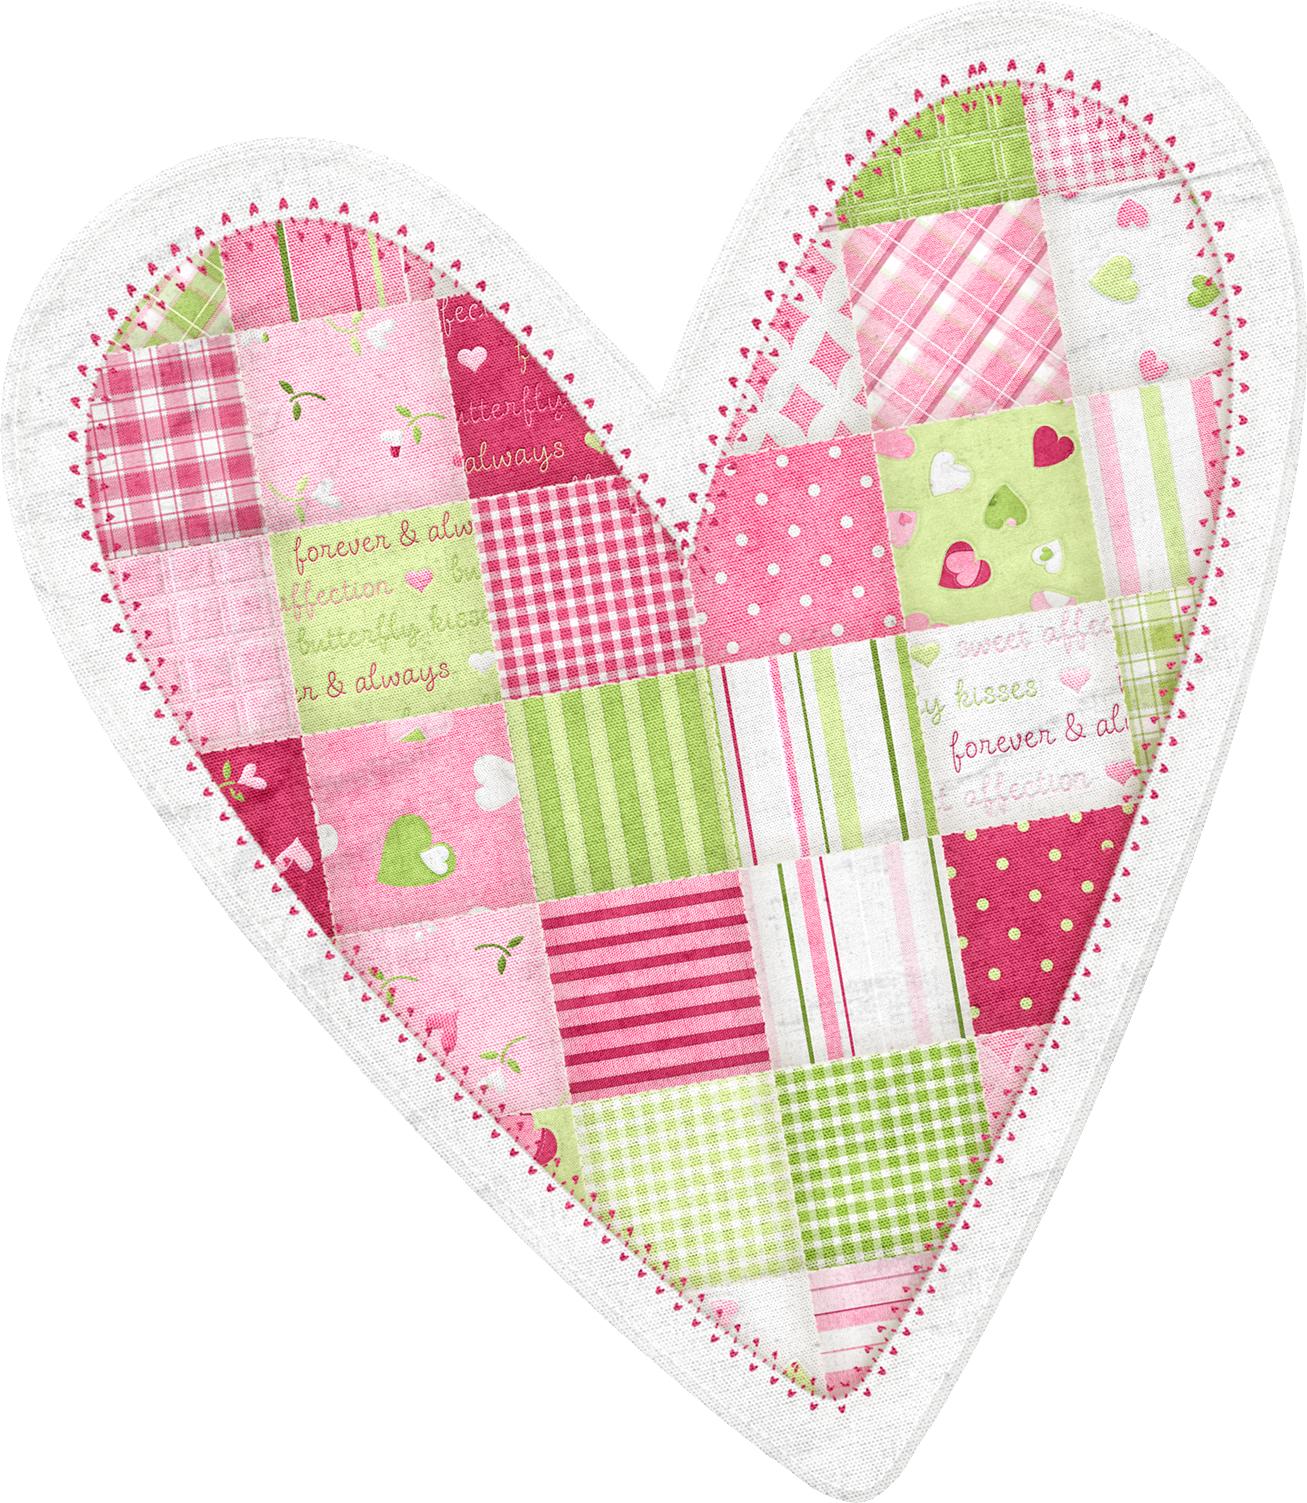 Pin by lori bechtel. Clipart heart scrapbook